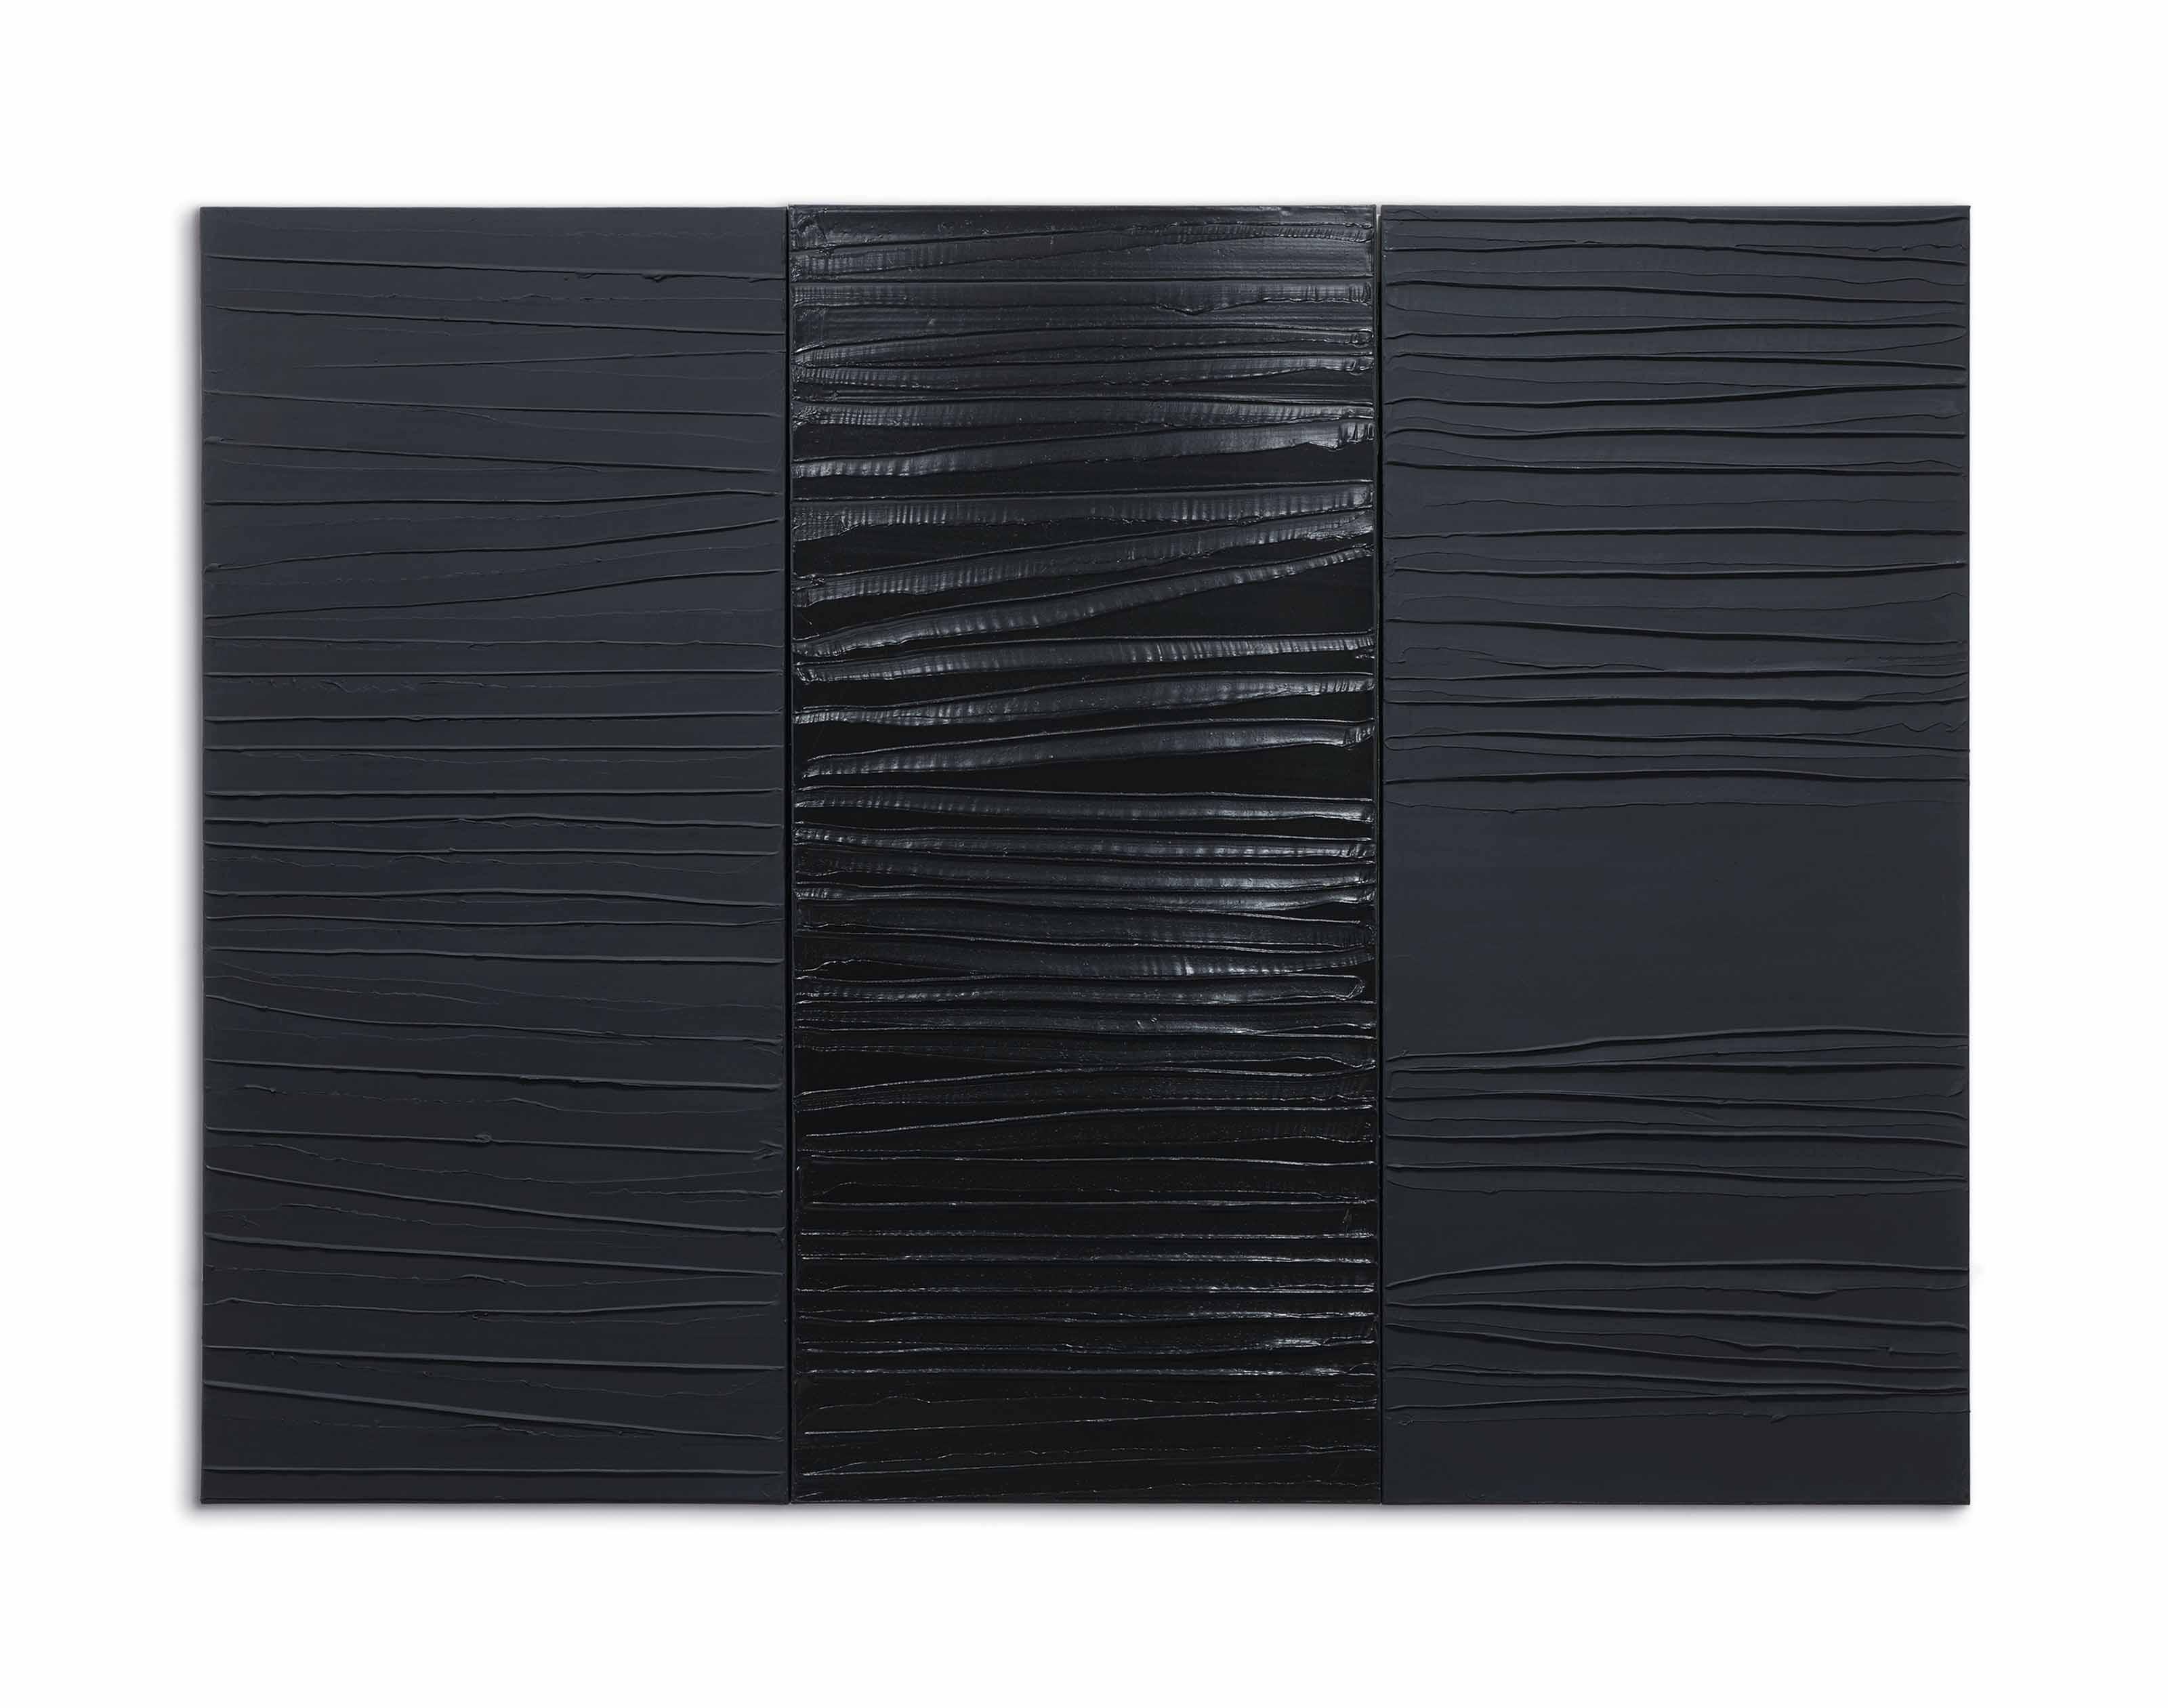 Pierre Soulages Né En 1919 Peinture 227 X 306 Cm 2 Mars 2009